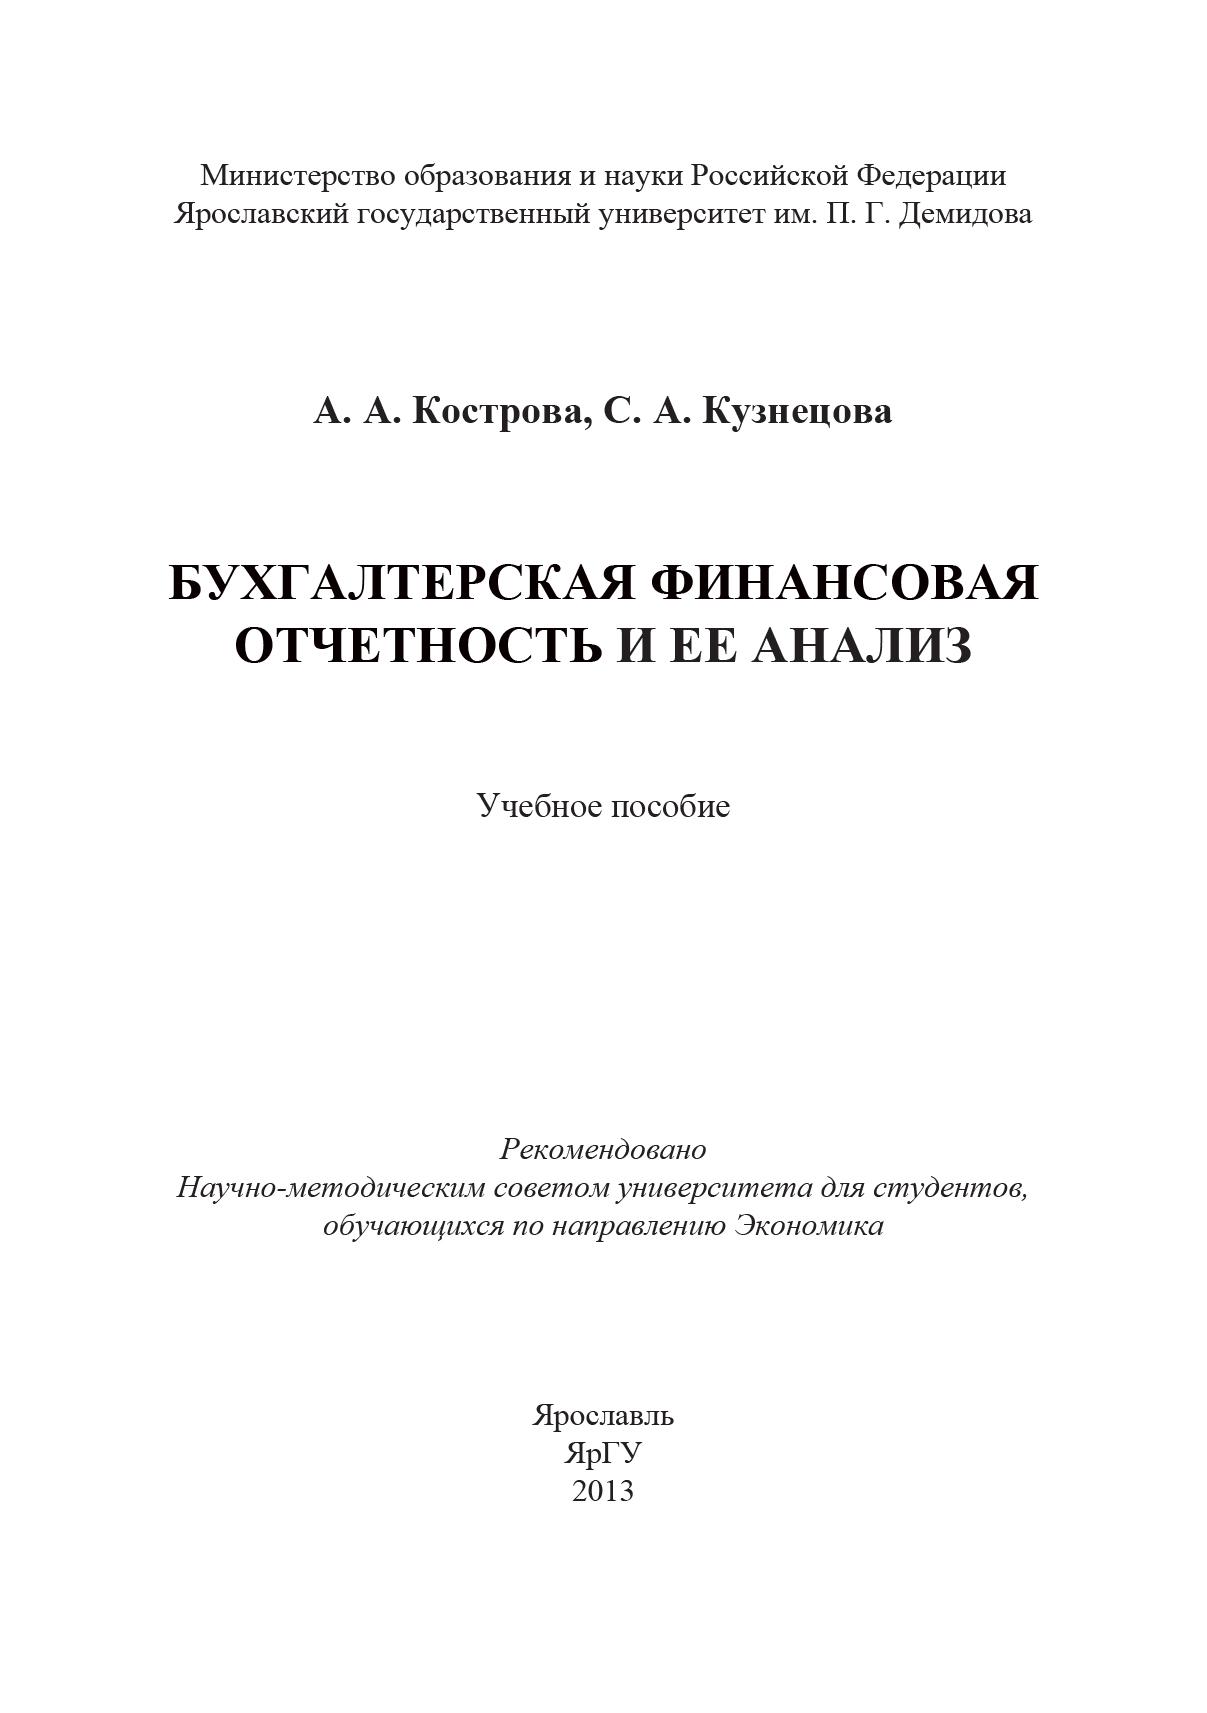 С. А. Кузнецова Бухгалтерская финансовая отчетность и ее анализ